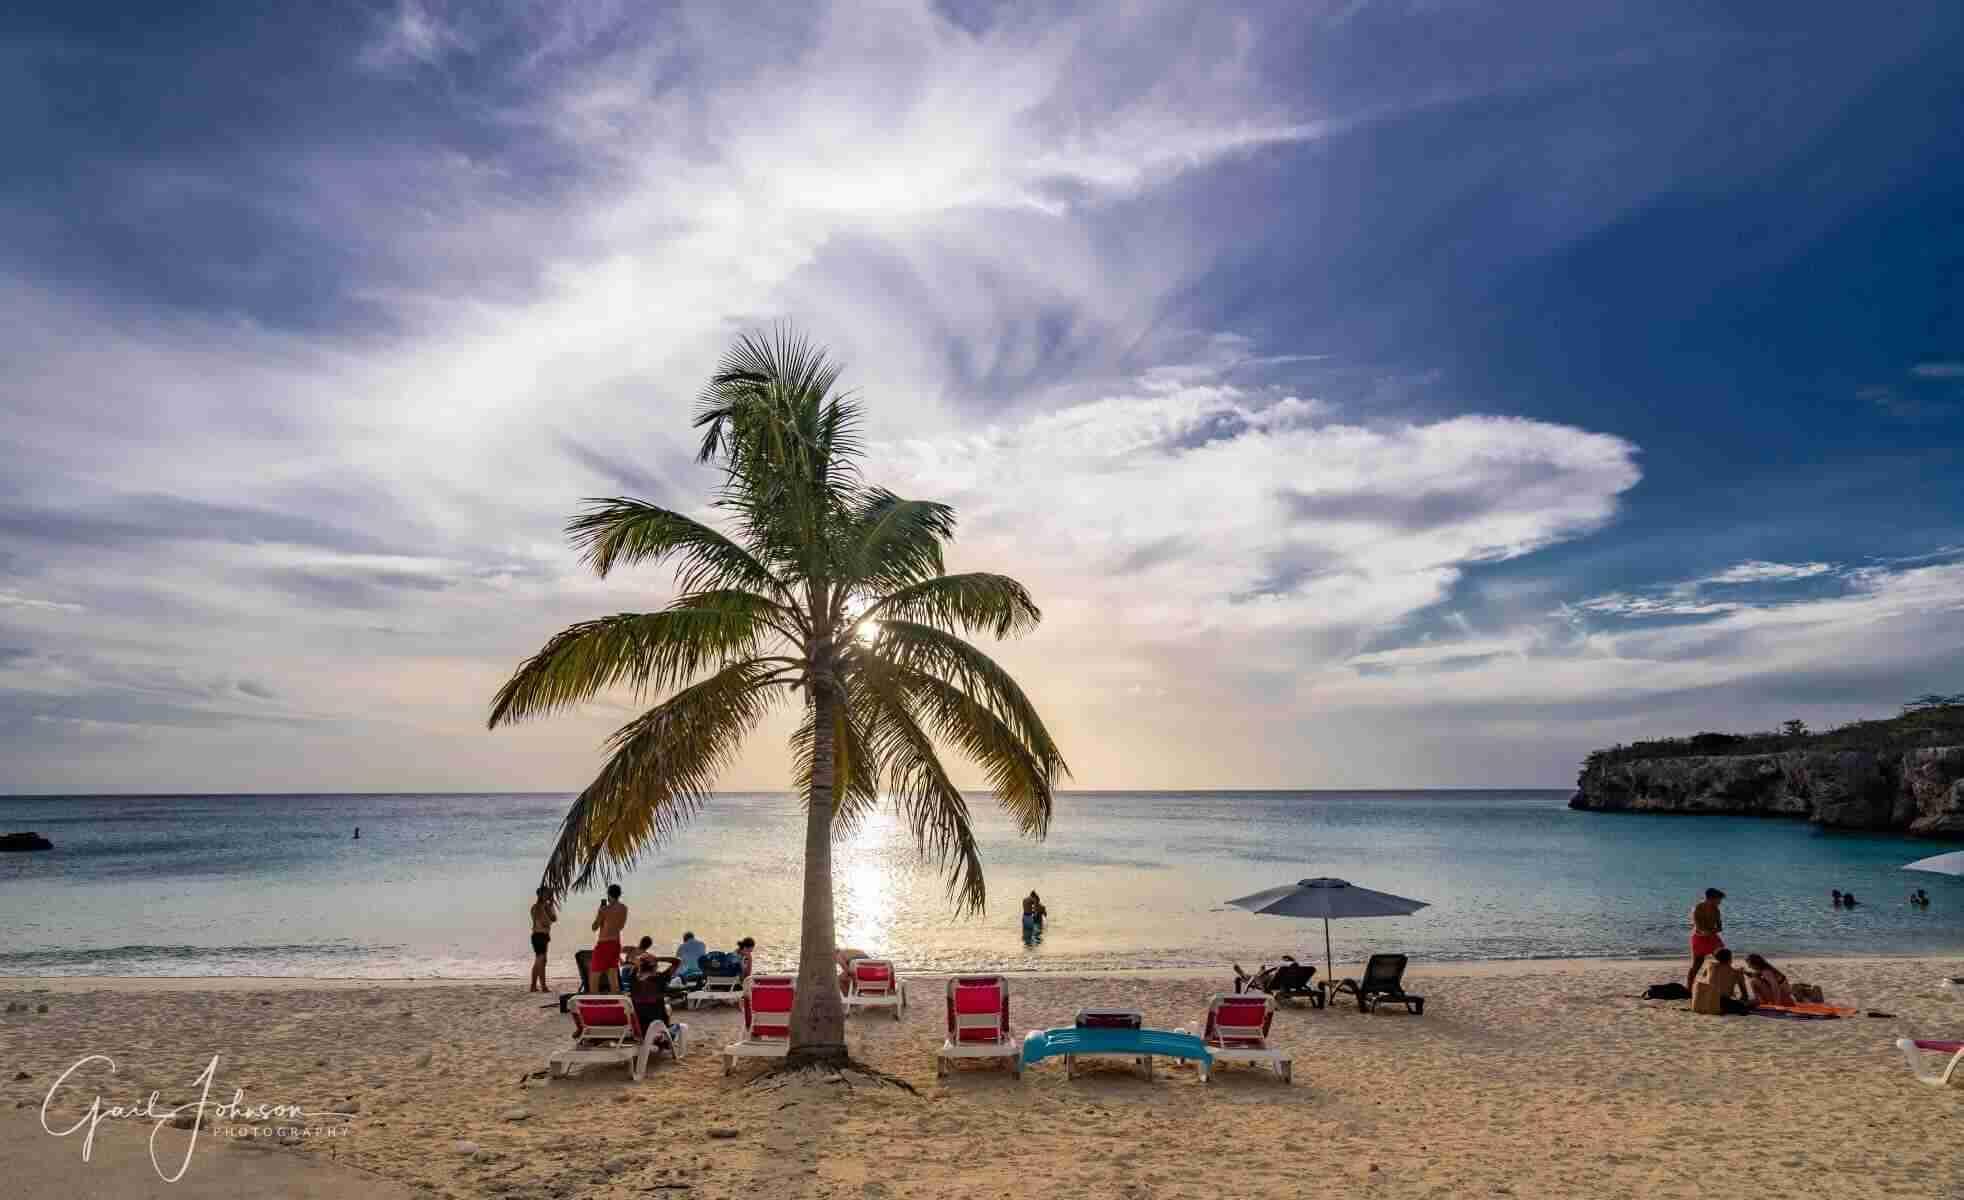 Playa Kenepa Grandi | Dive Travel Curaçao